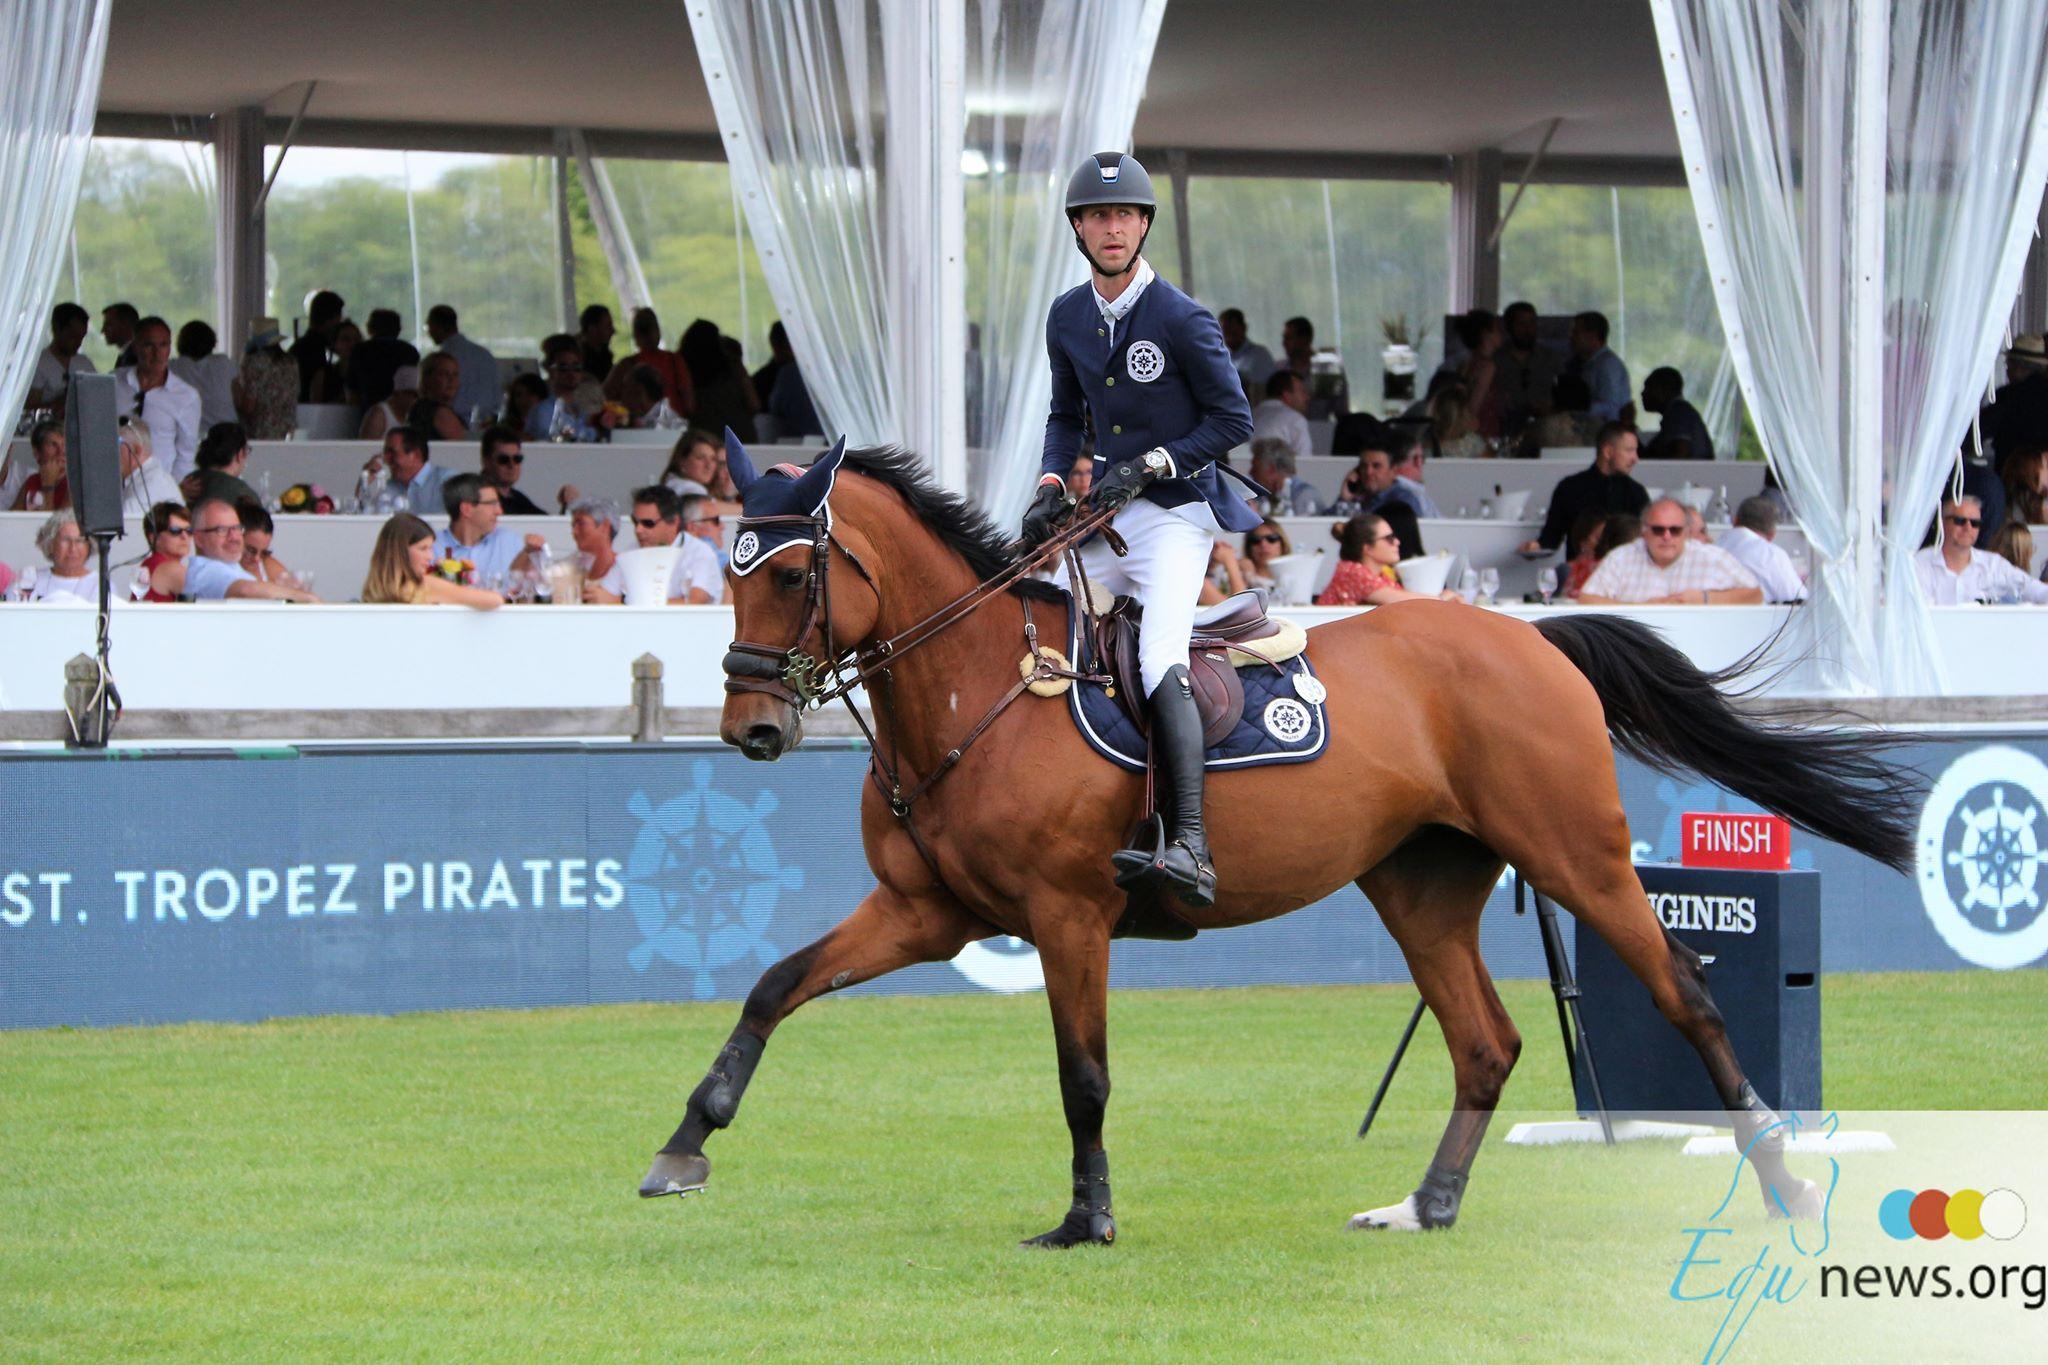 Constant van Paesschen et Pieter Devos prennent la deuxième place de la première épreuve du GCL à Rome Simon Delestre prend première place de l'individuelle